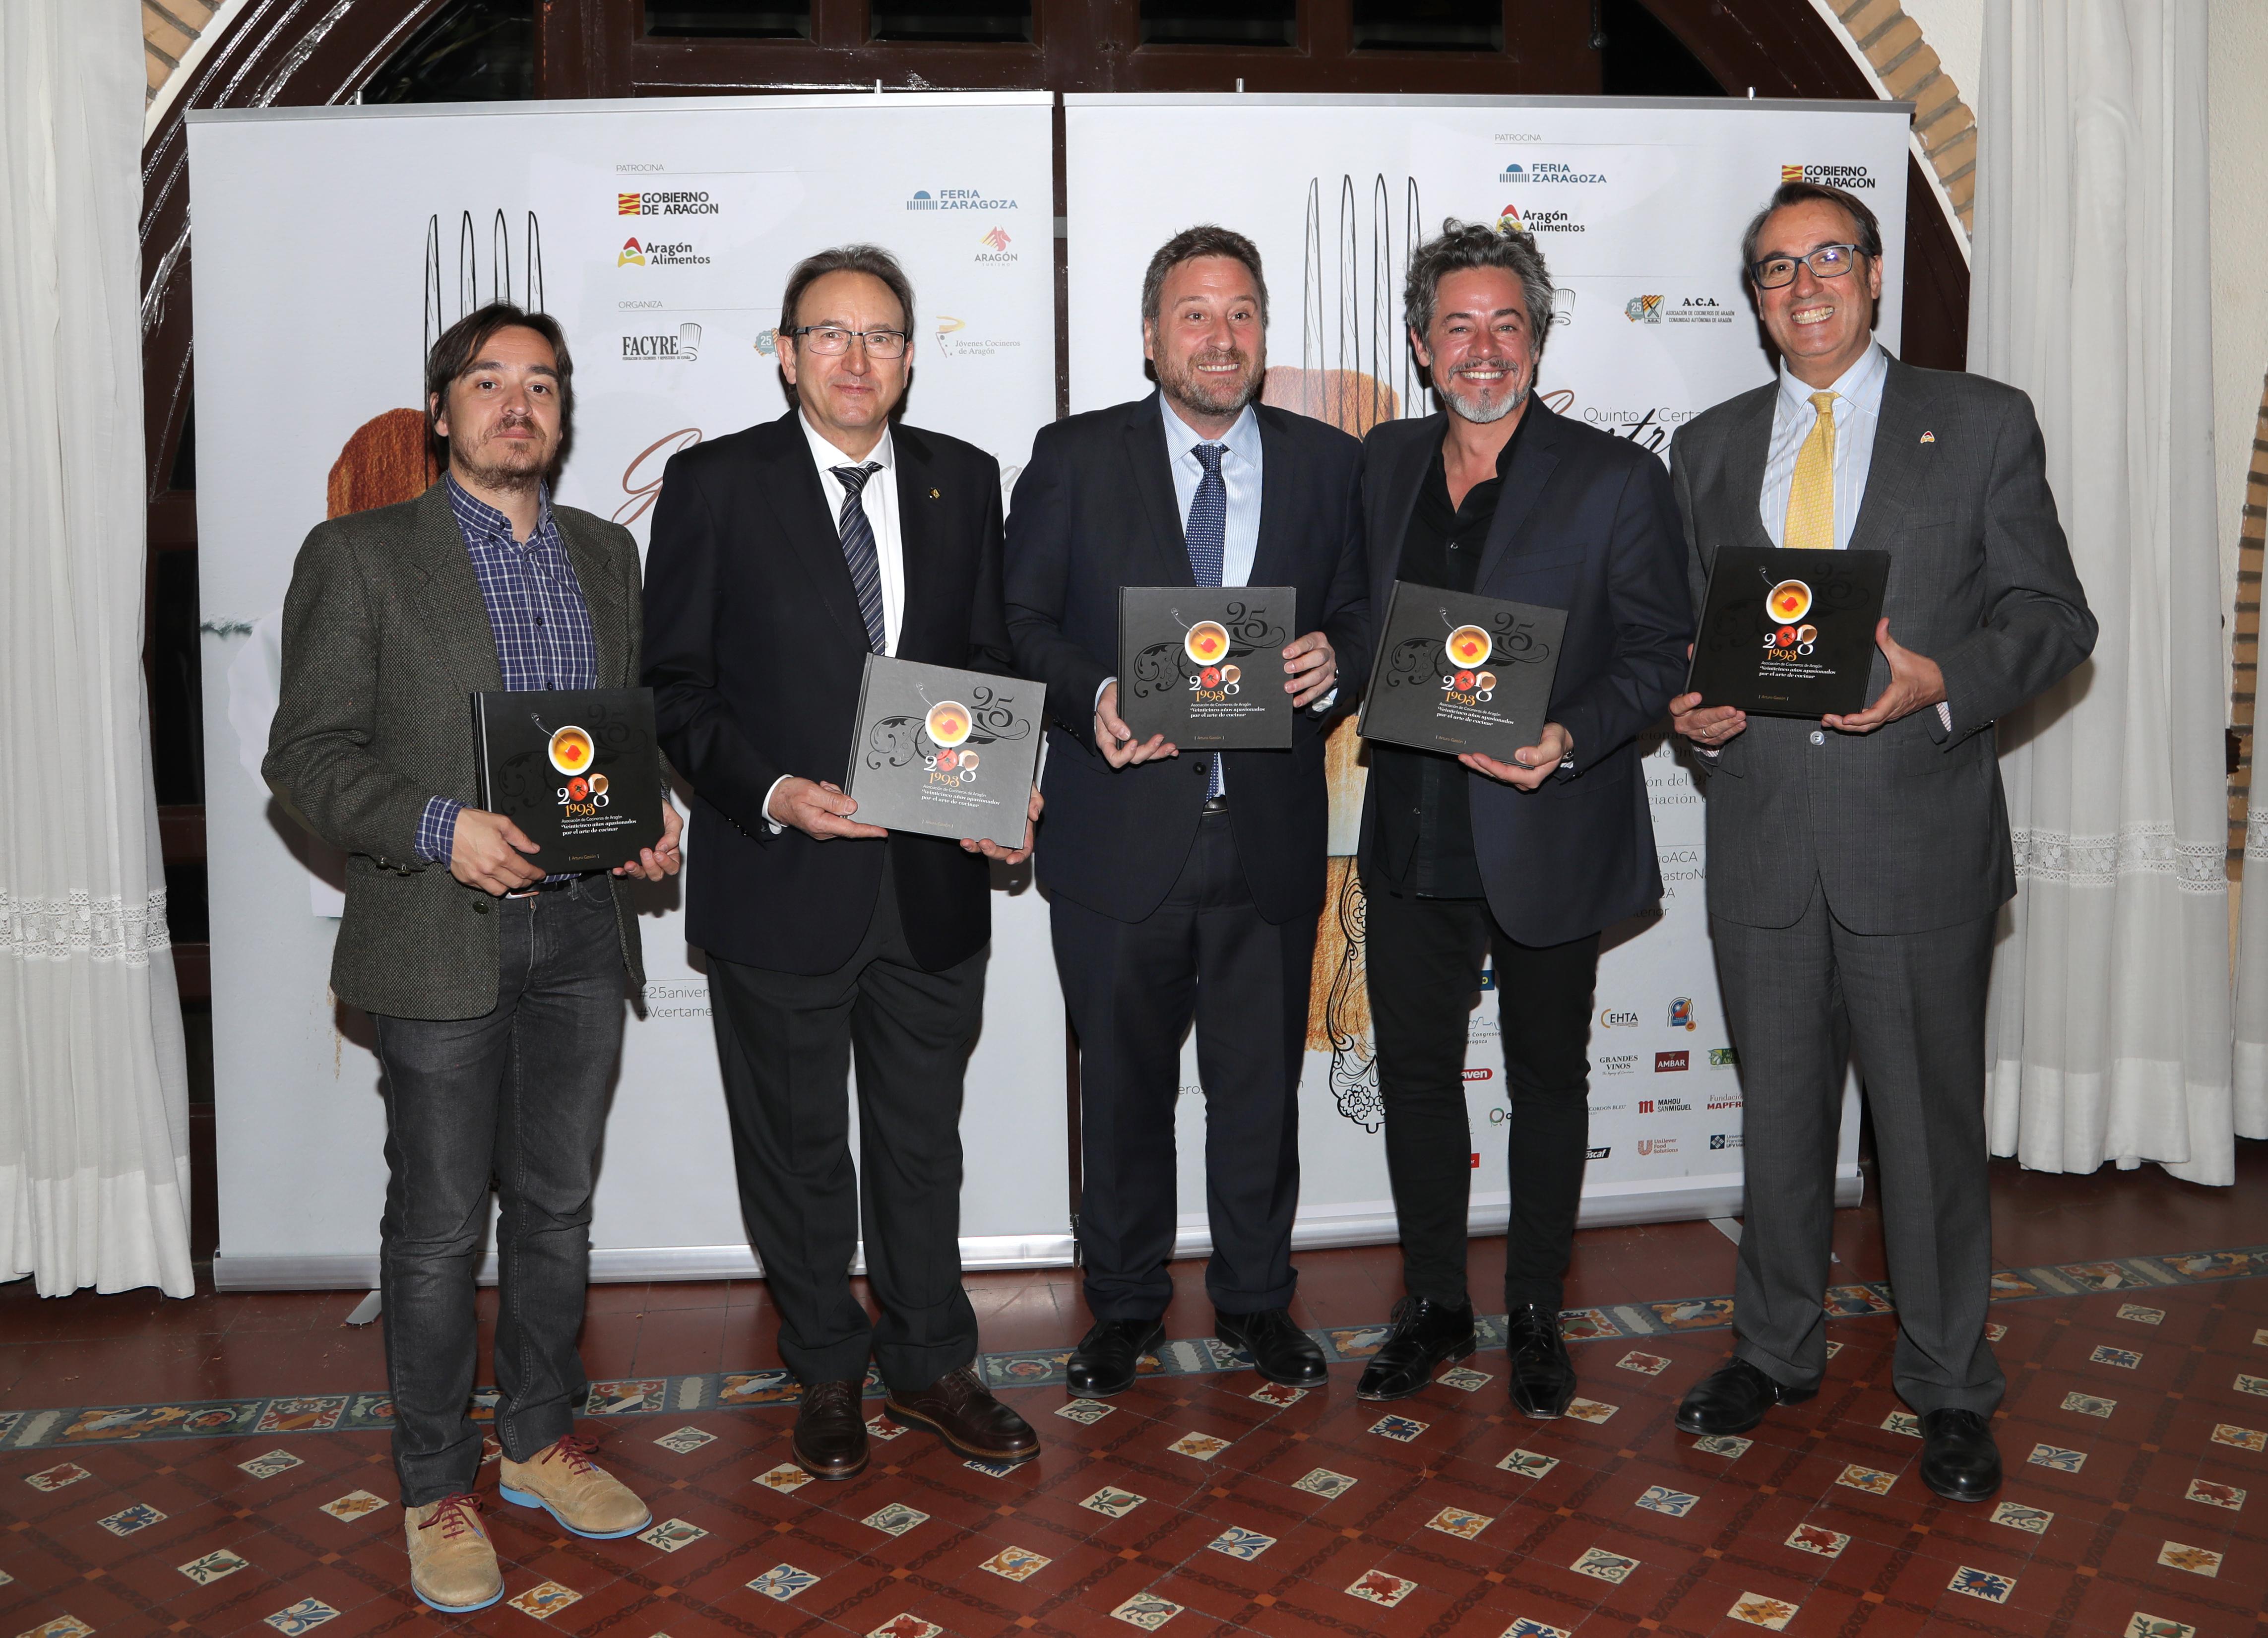 La Asociación de Cocineros celebra sus 25 años con premios, cena y un libro